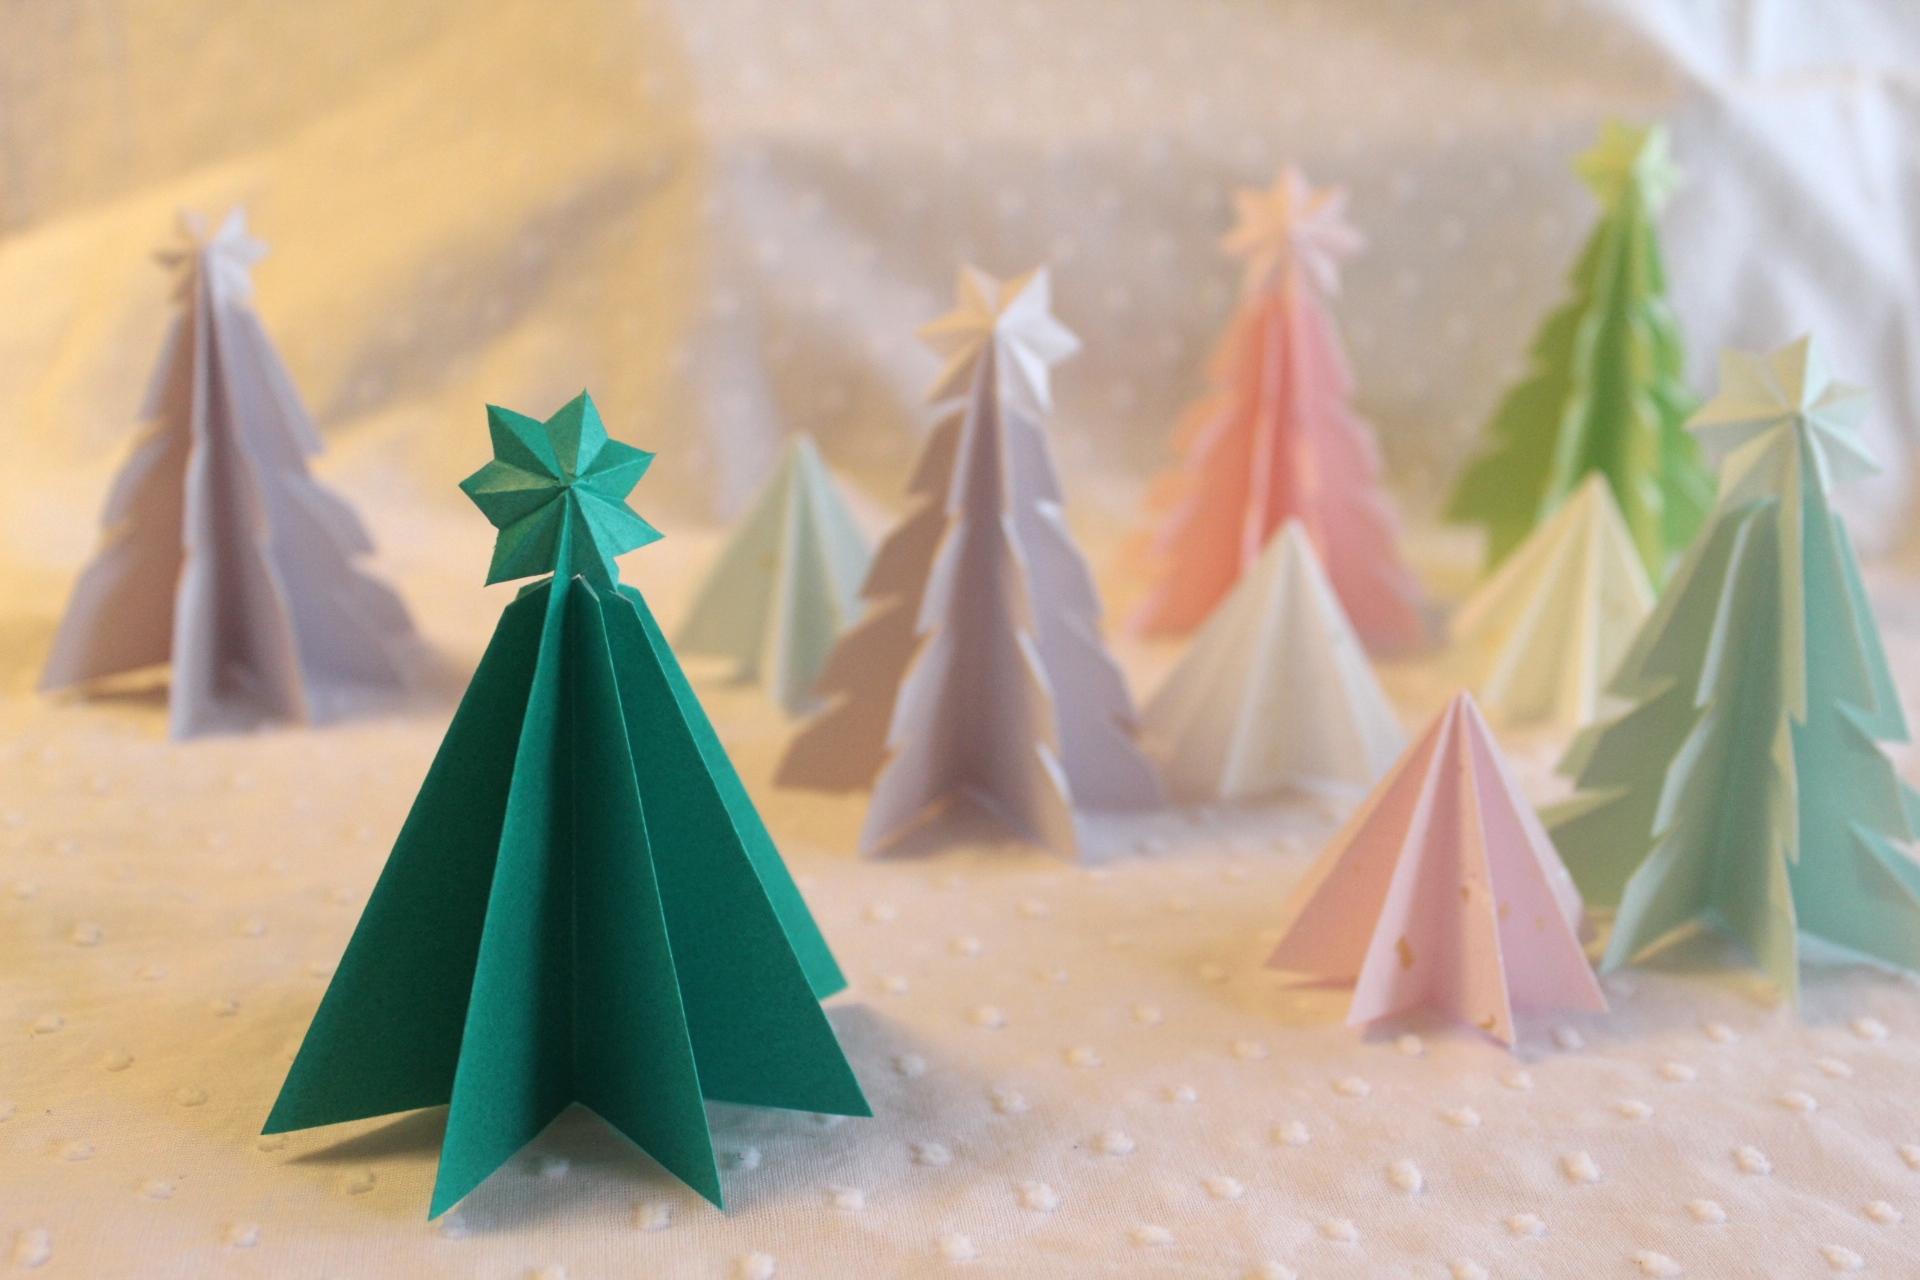 折り紙で立体的なクリスマスツリーの折り方